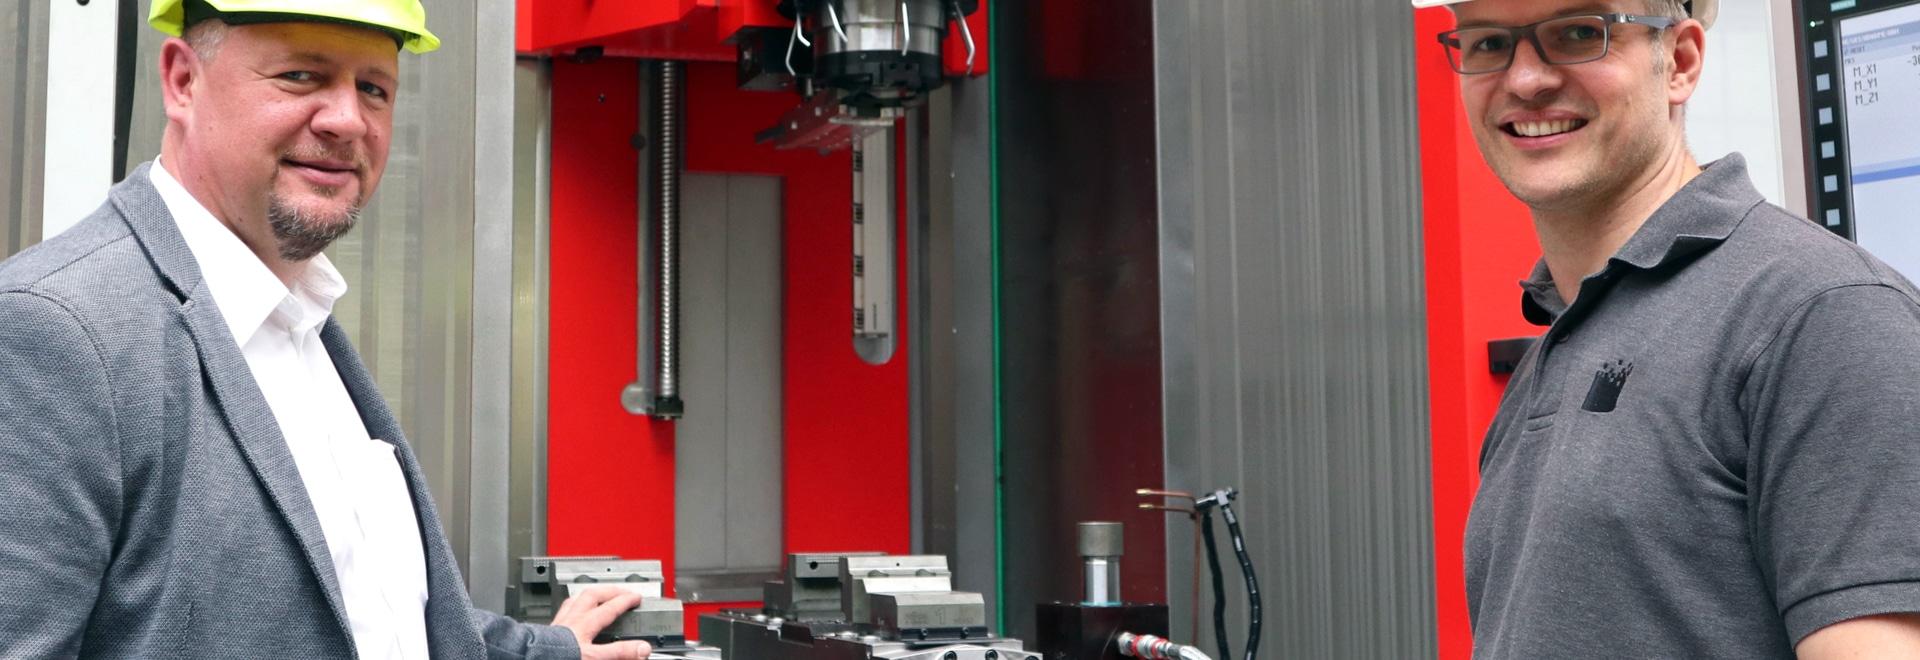 De la foire au succès_RÖHM GmbH